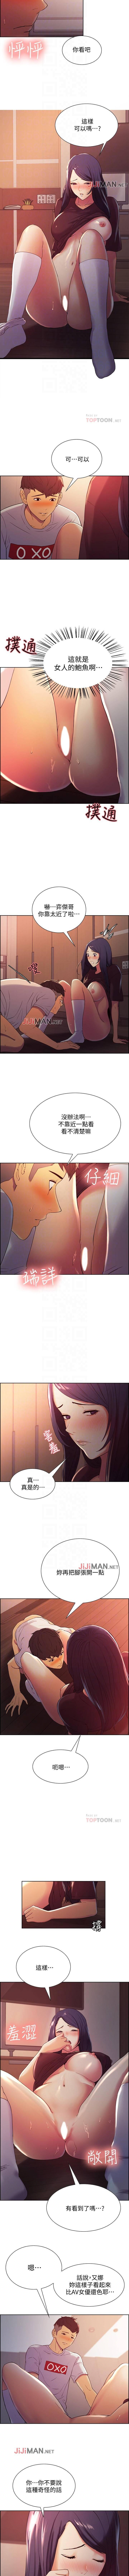 【周二连载】室友招募中(作者:Serious) 第1~13话 21